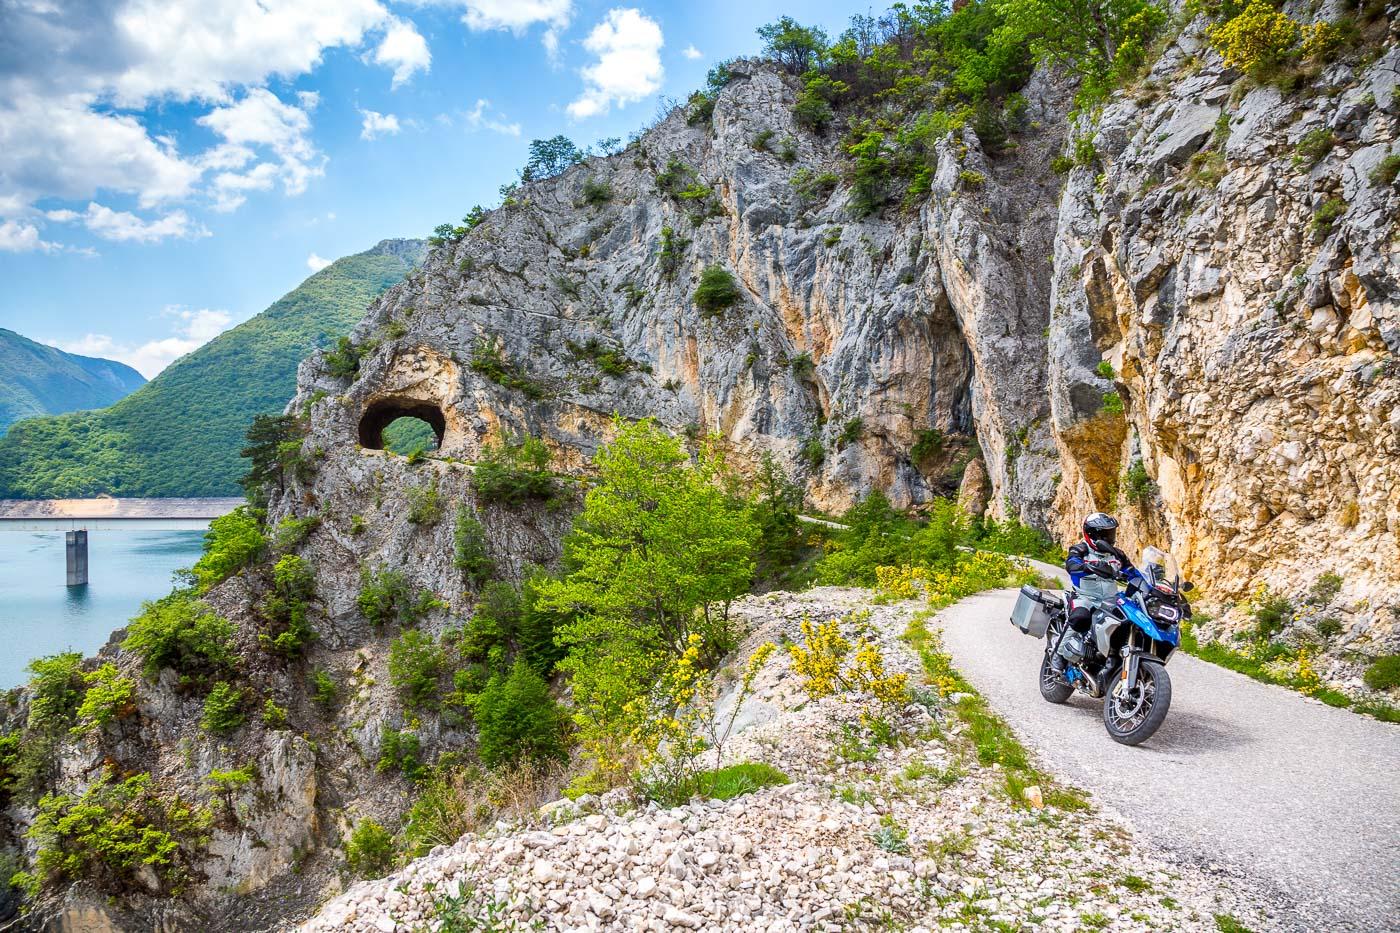 Reise_Balkan-8284.jpg